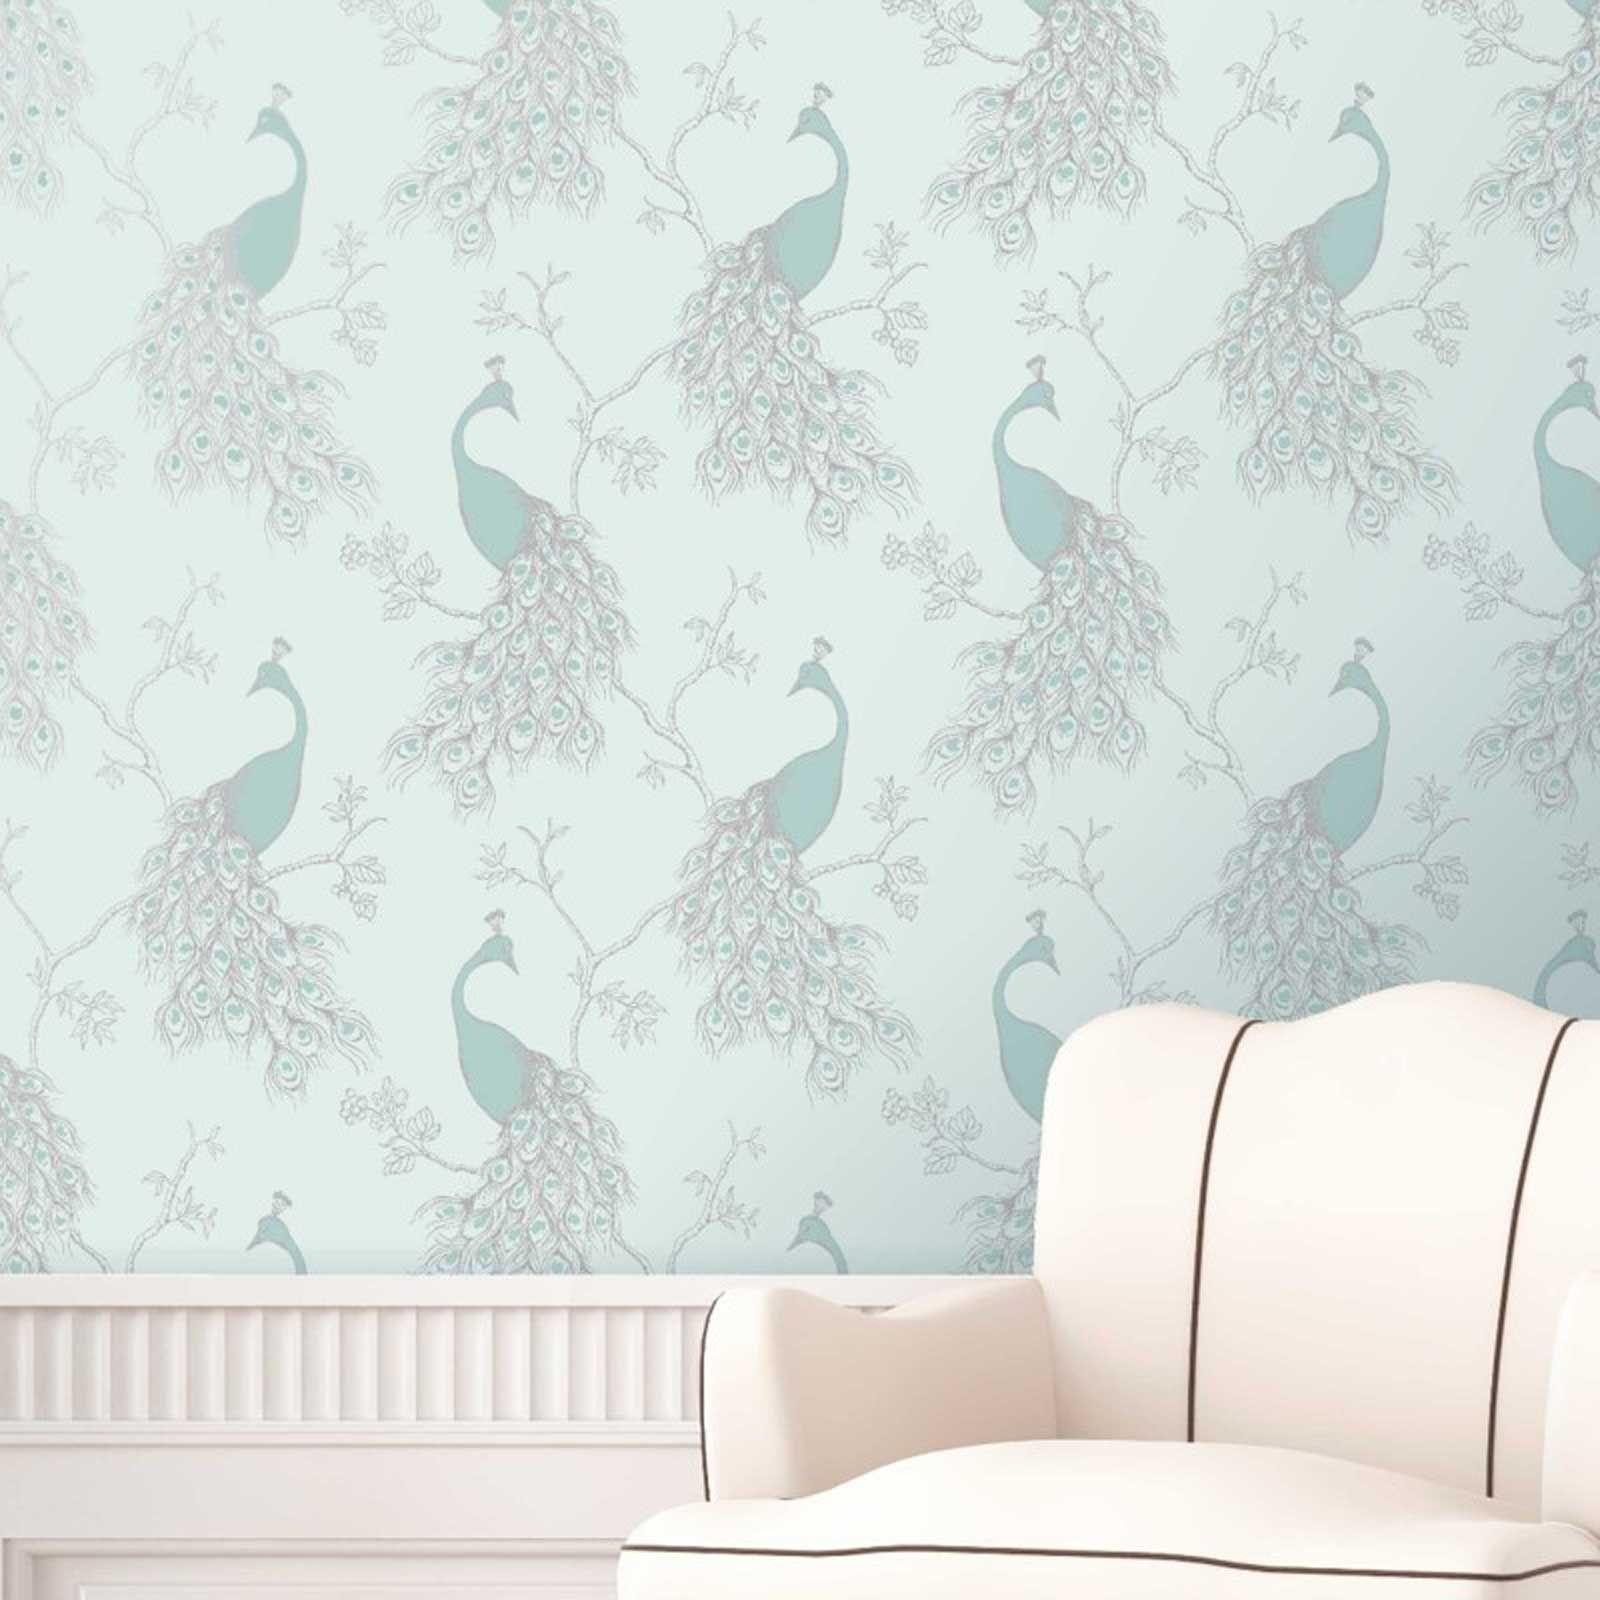 DUCK EGG BLUE TEAL WALLPAPER OWL BIRD PEACOCK SCROLL TREE - Duck egg blue bedroom wallpaper